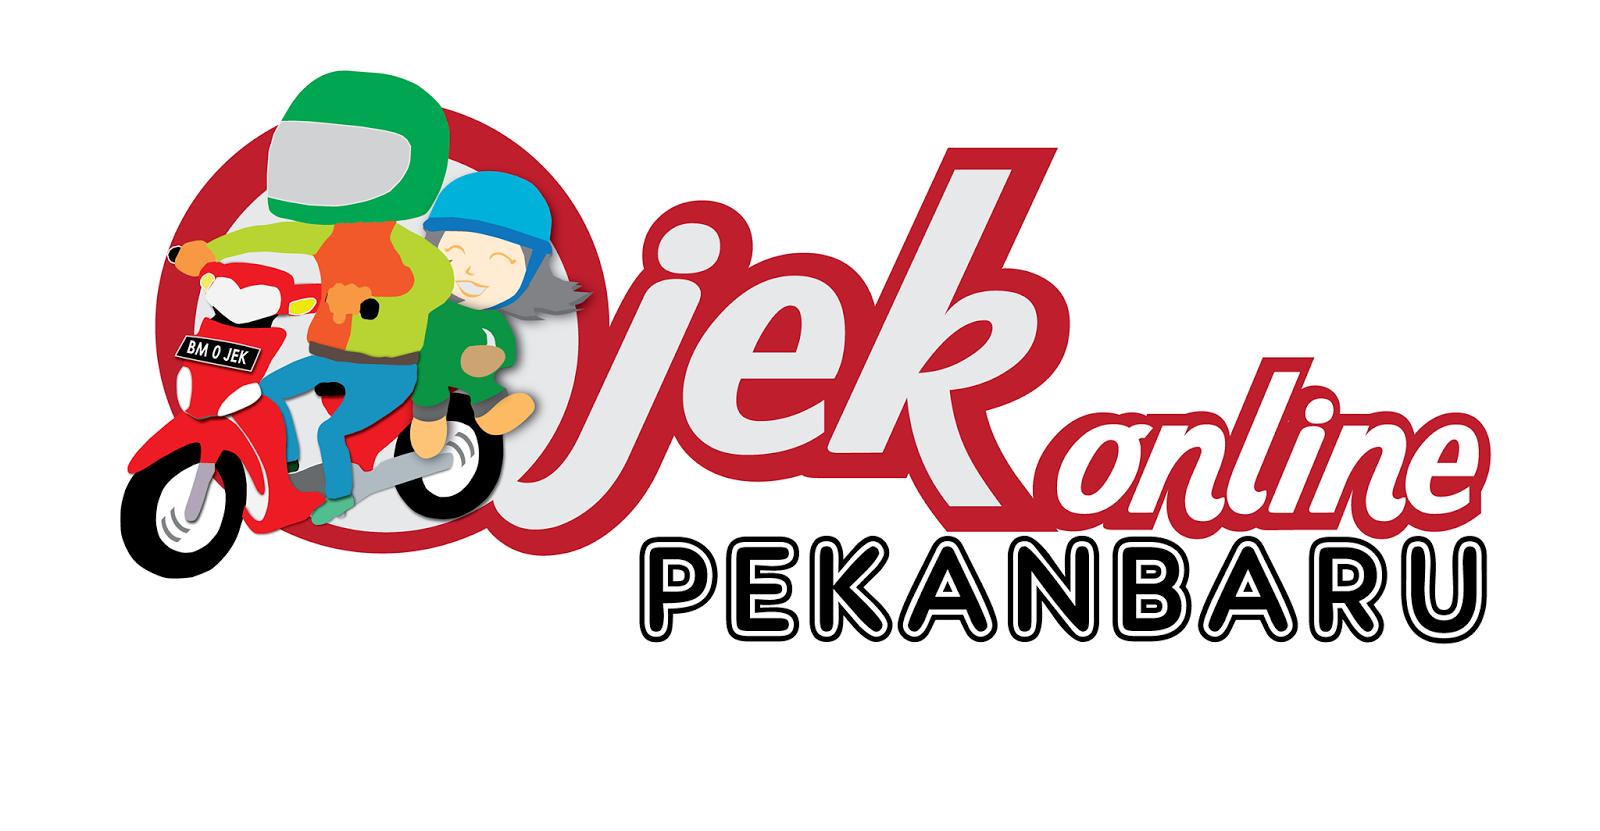 Lowongan Kerja Ojek Online Pekanabaru - Ojek Online Pekanbaru